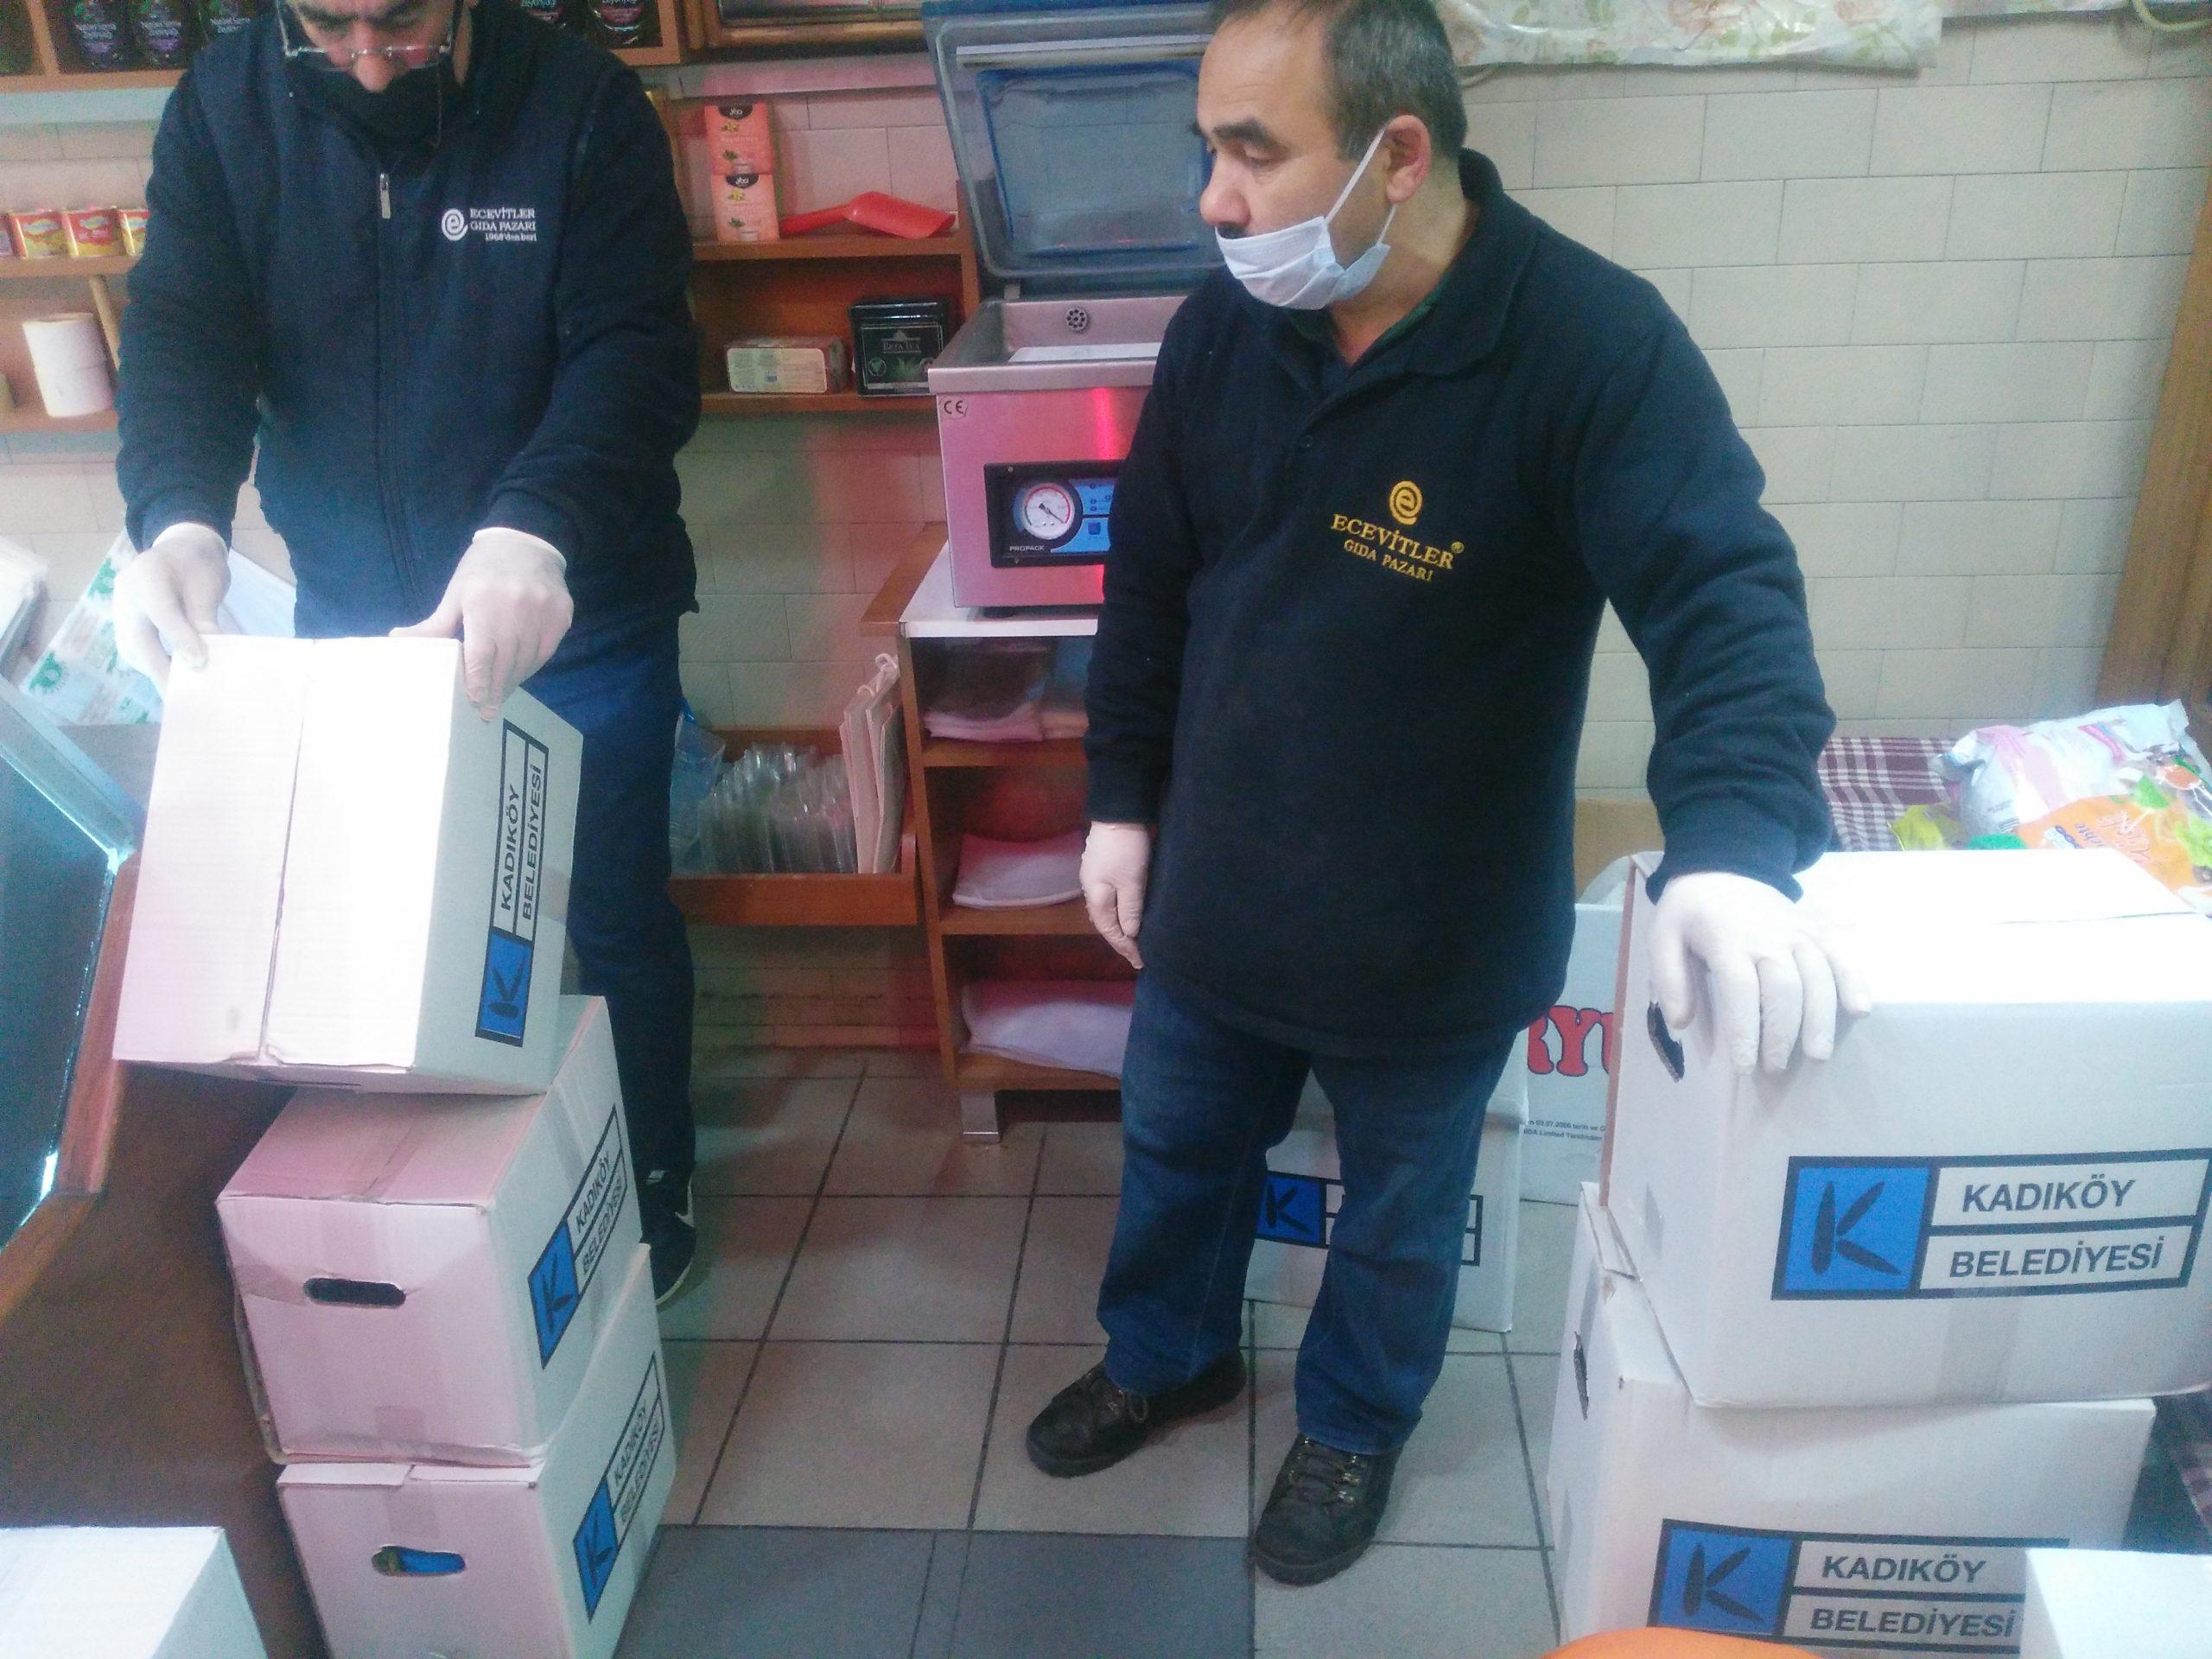 Kadıköy Belediyesi'nden gönderilen, Çarşımız Esnaflarının çalışanları için erzak dağıtımını yaptık